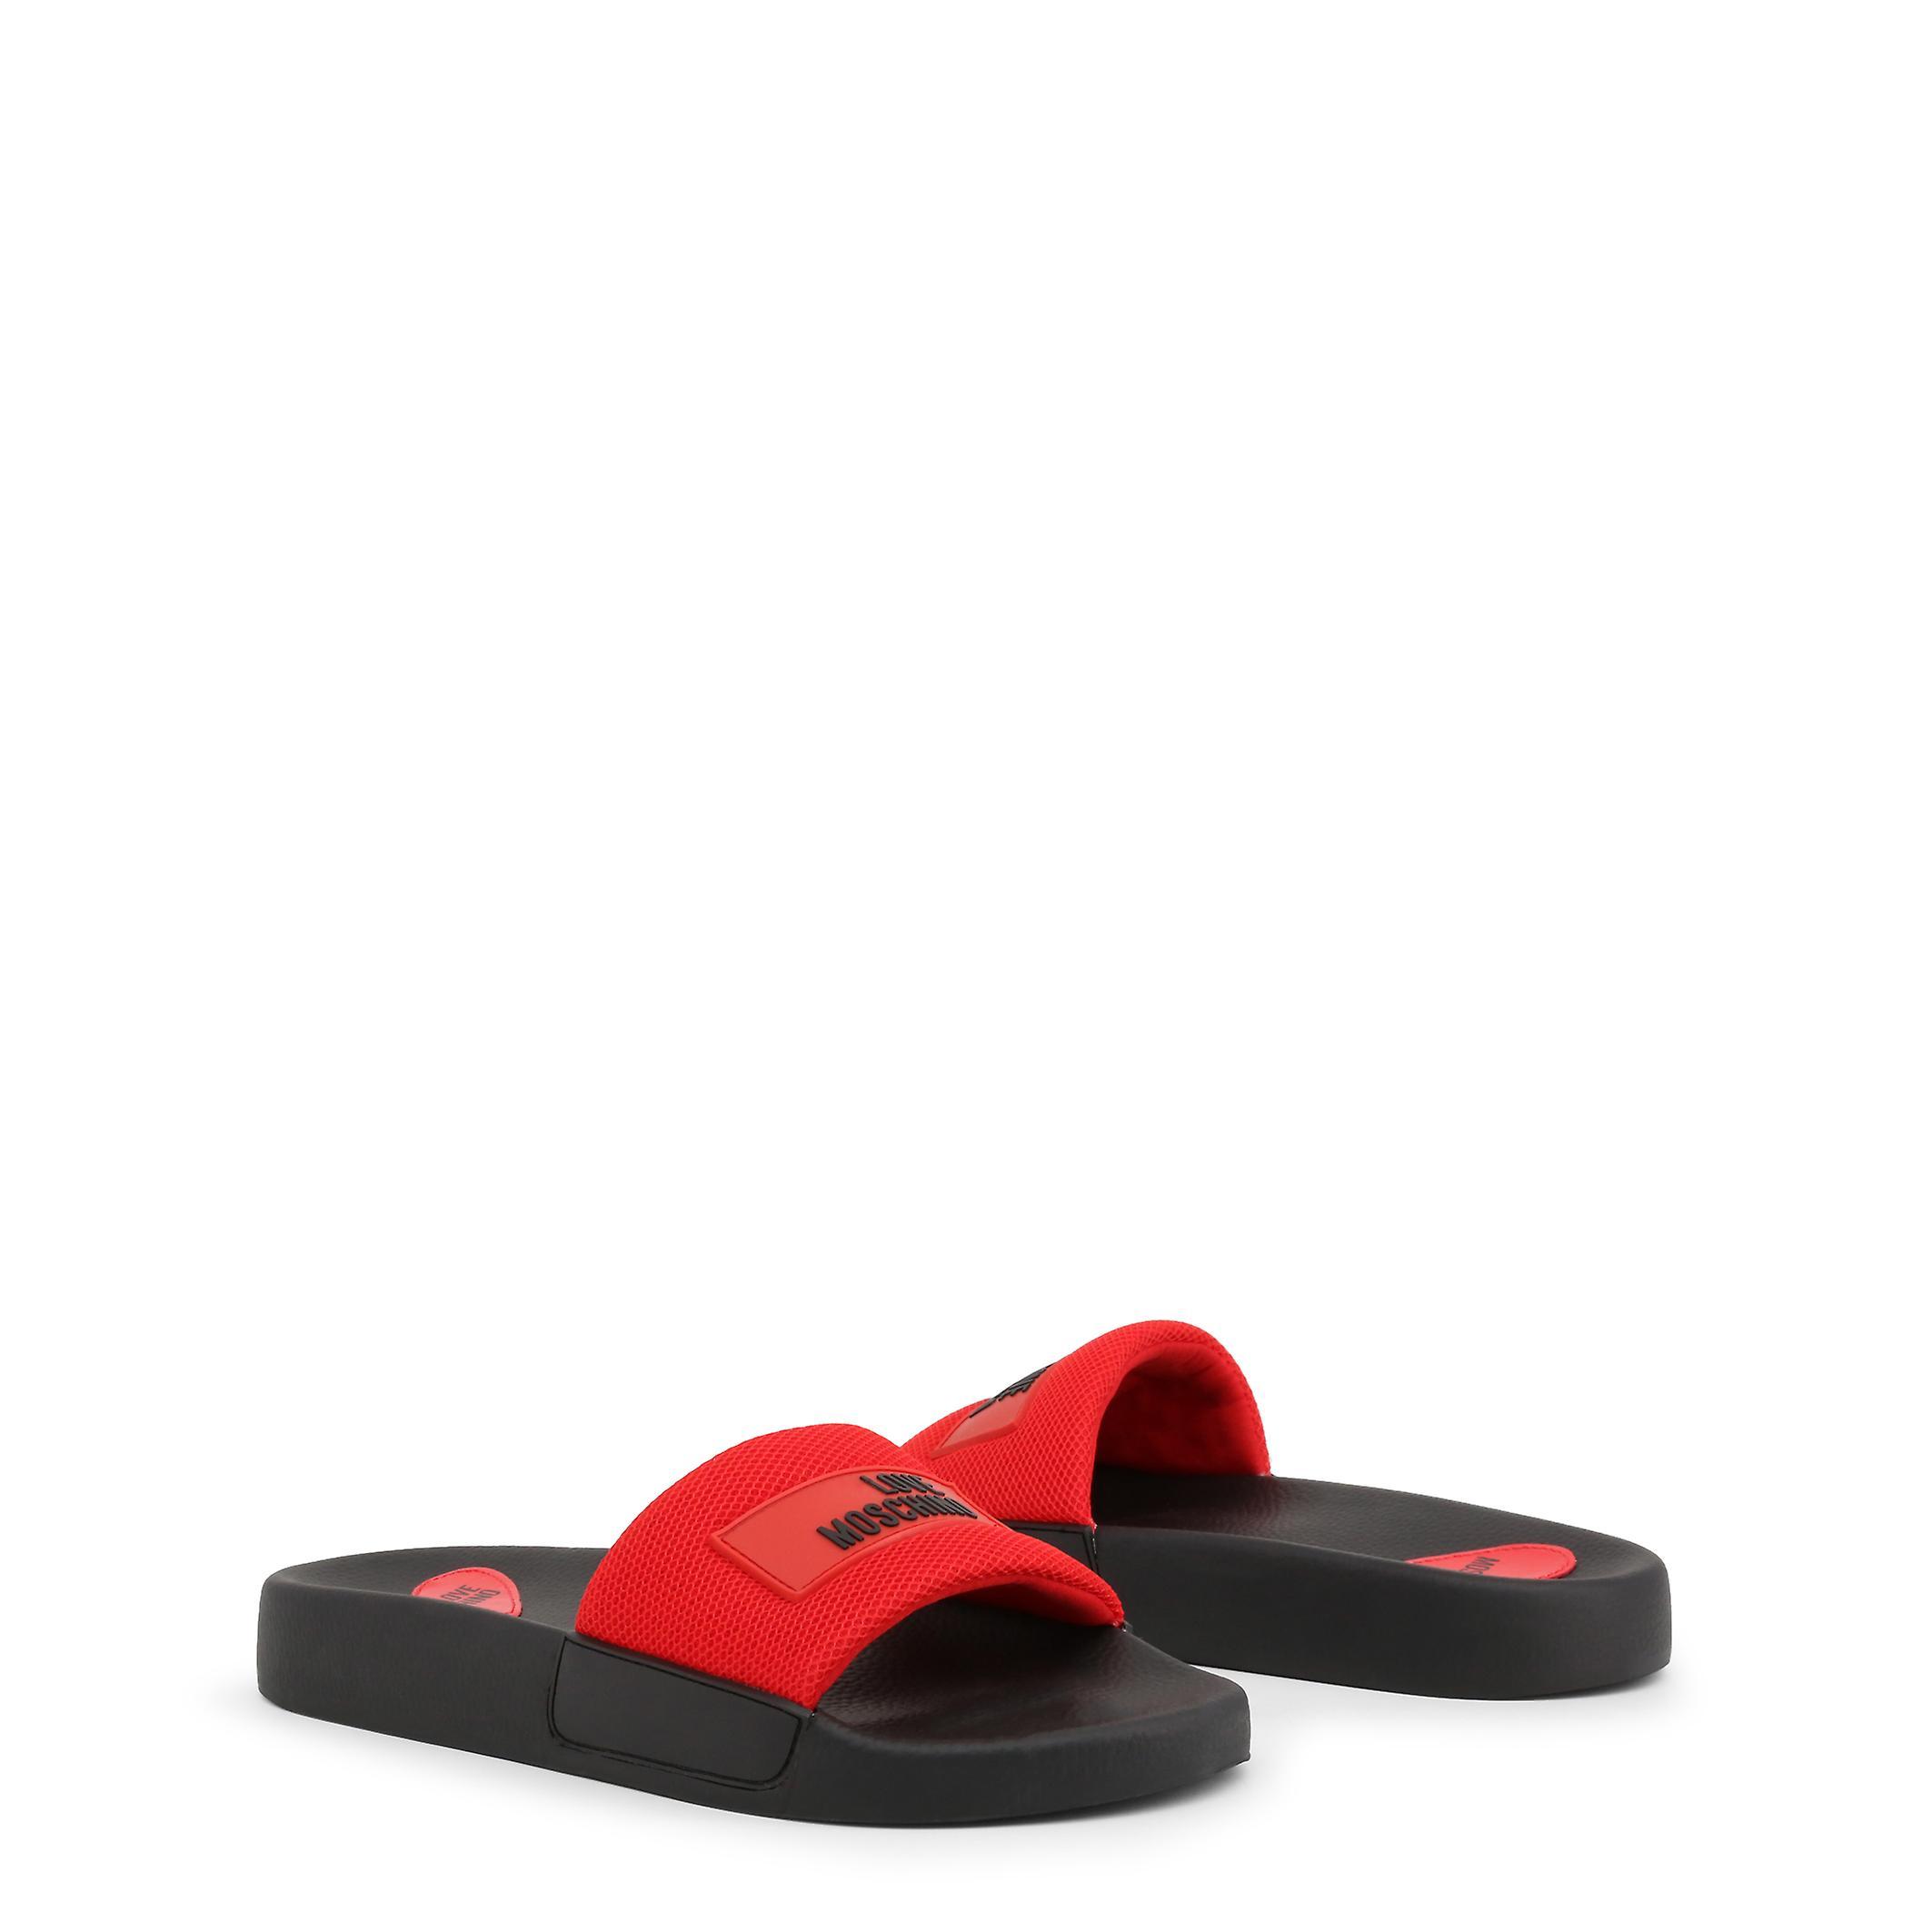 Love Moschino Original Women Spring/Summer Flip Flops Couleur Noire - 72632